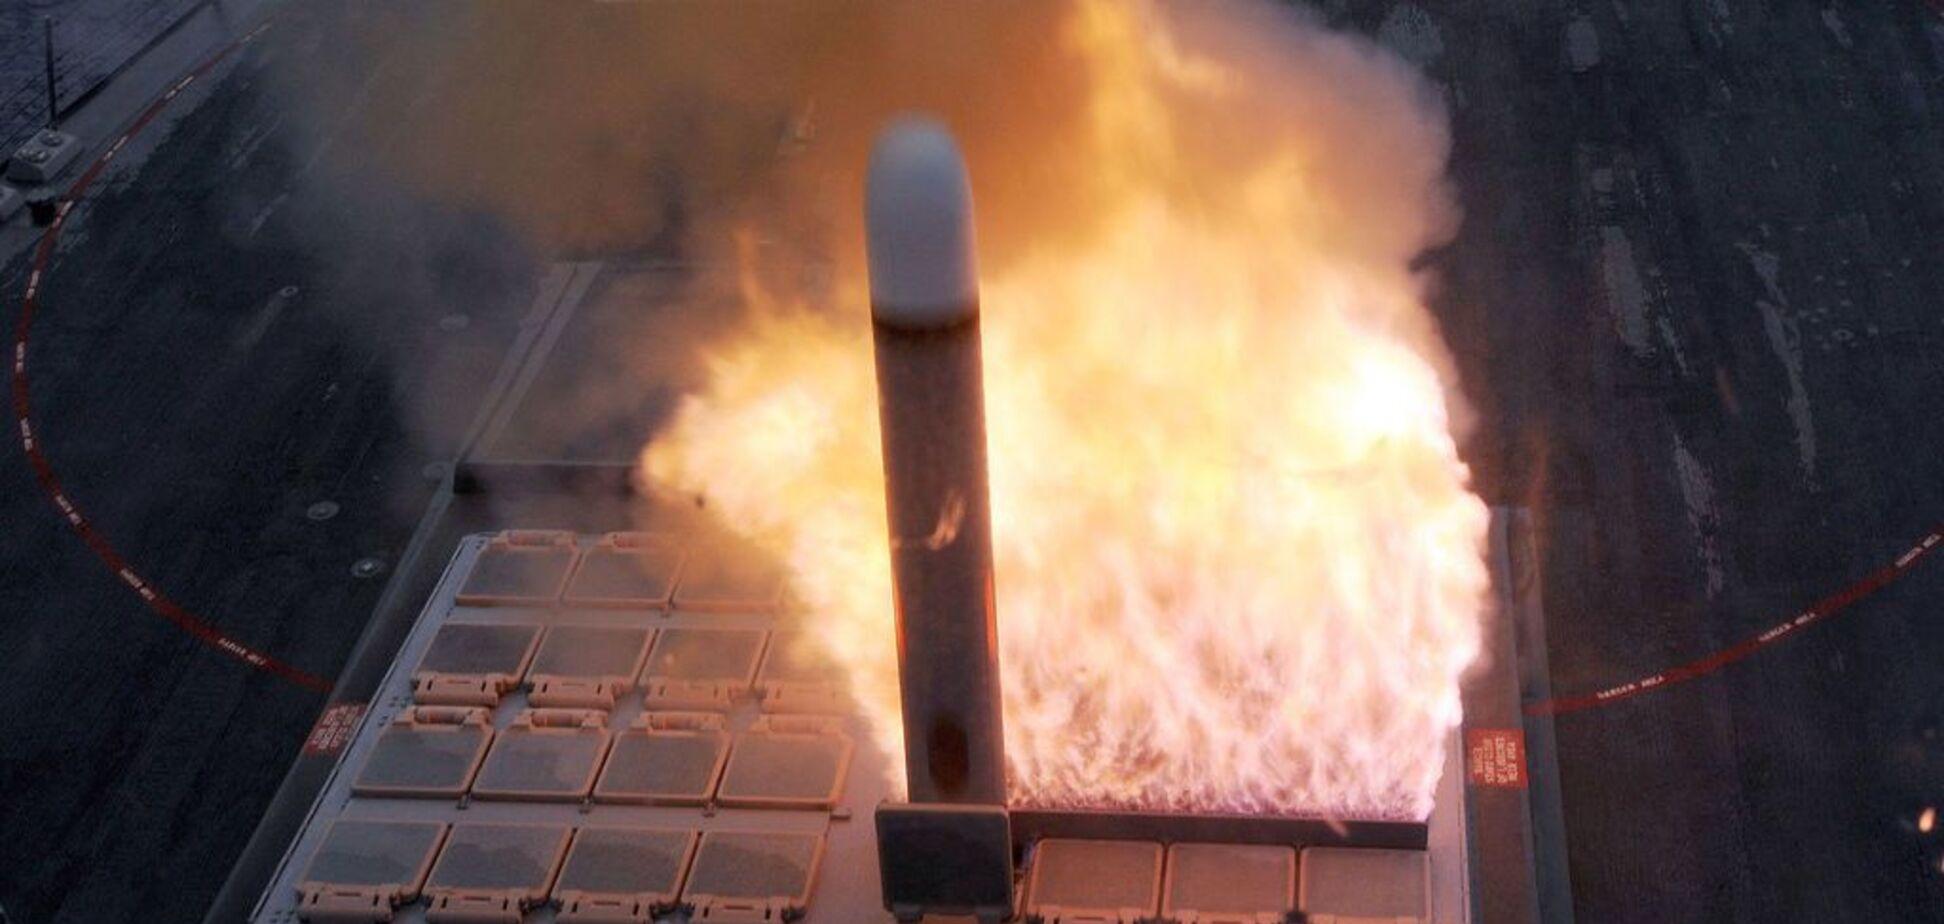 России приготовиться: США заявили о создании сверхоружия